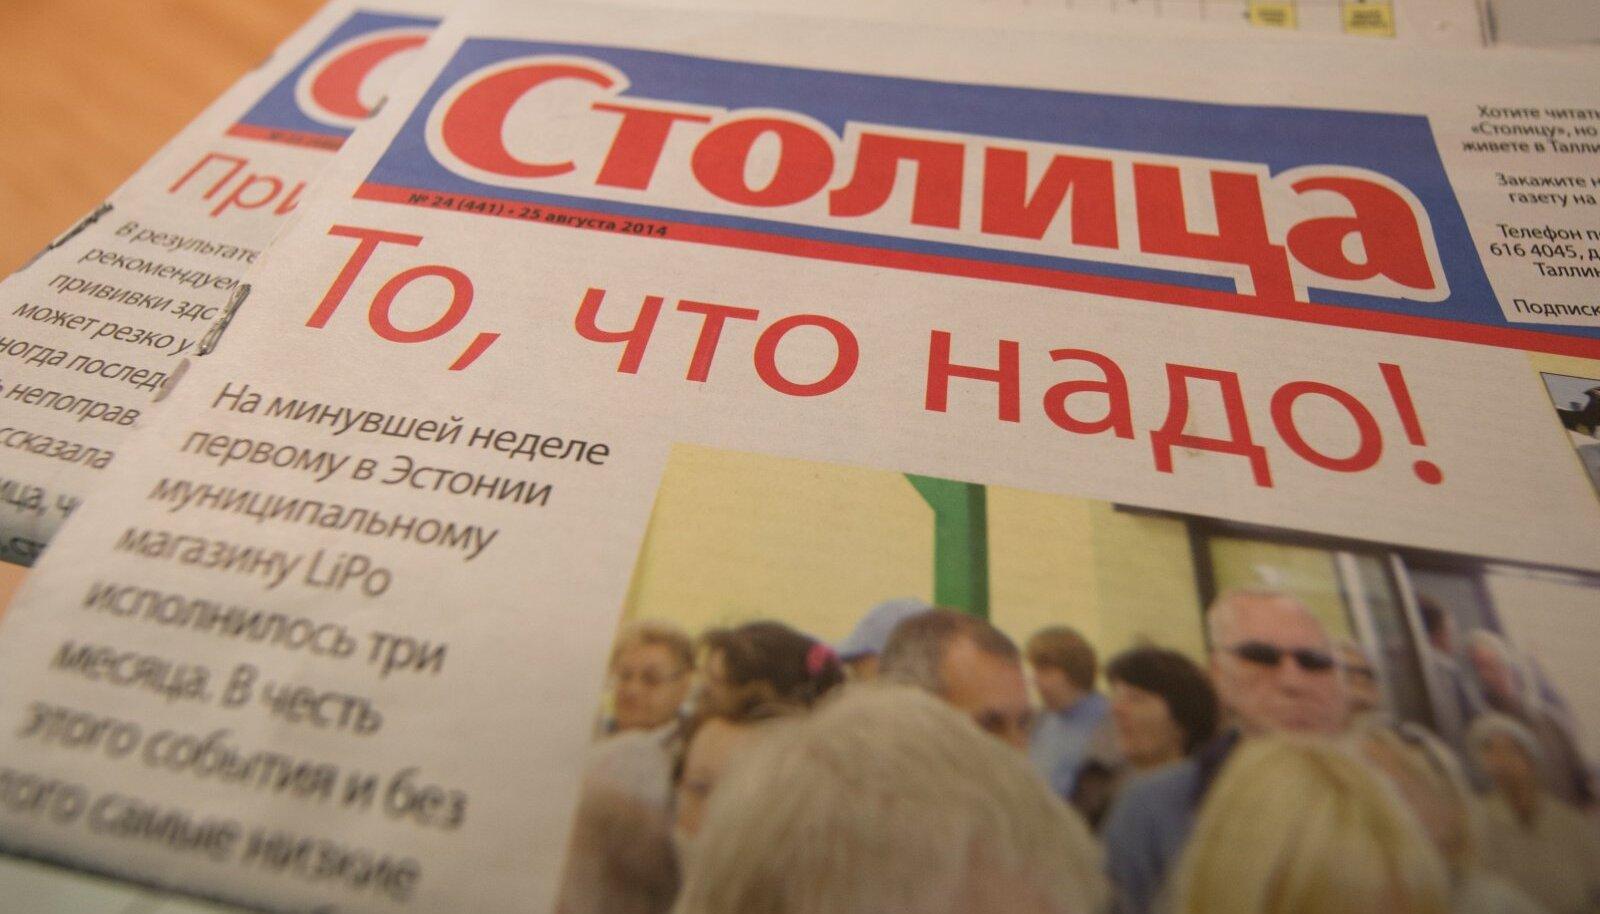 NÄDALALEHT: Stolitsa ilmub kord nädalas. Selle eestikeelne sõsarleht on Pealinn. Kahe välja andmiseks kokku eraldas linn eelarvest üle miljoni euro.